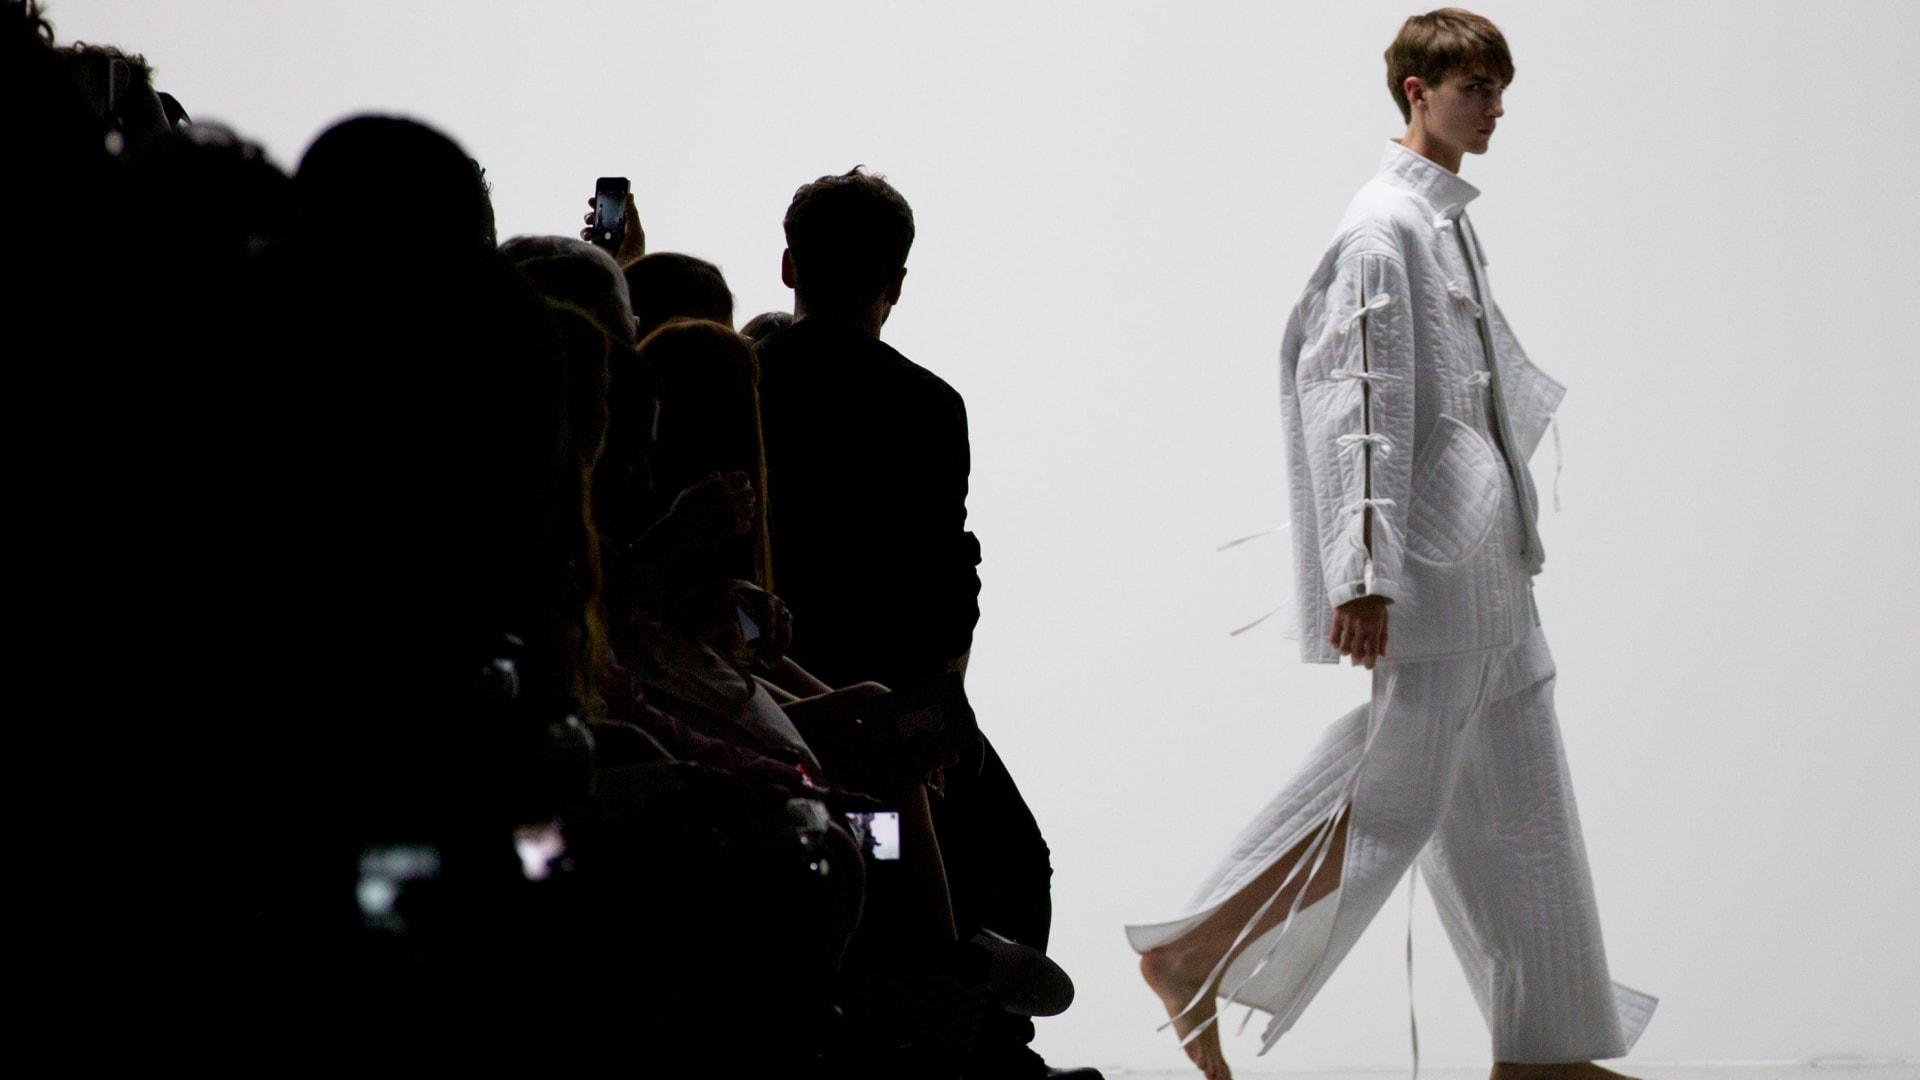 كيف أعاد مصمم الأزياء هذا تعريف الإطلالات الرجّالية؟